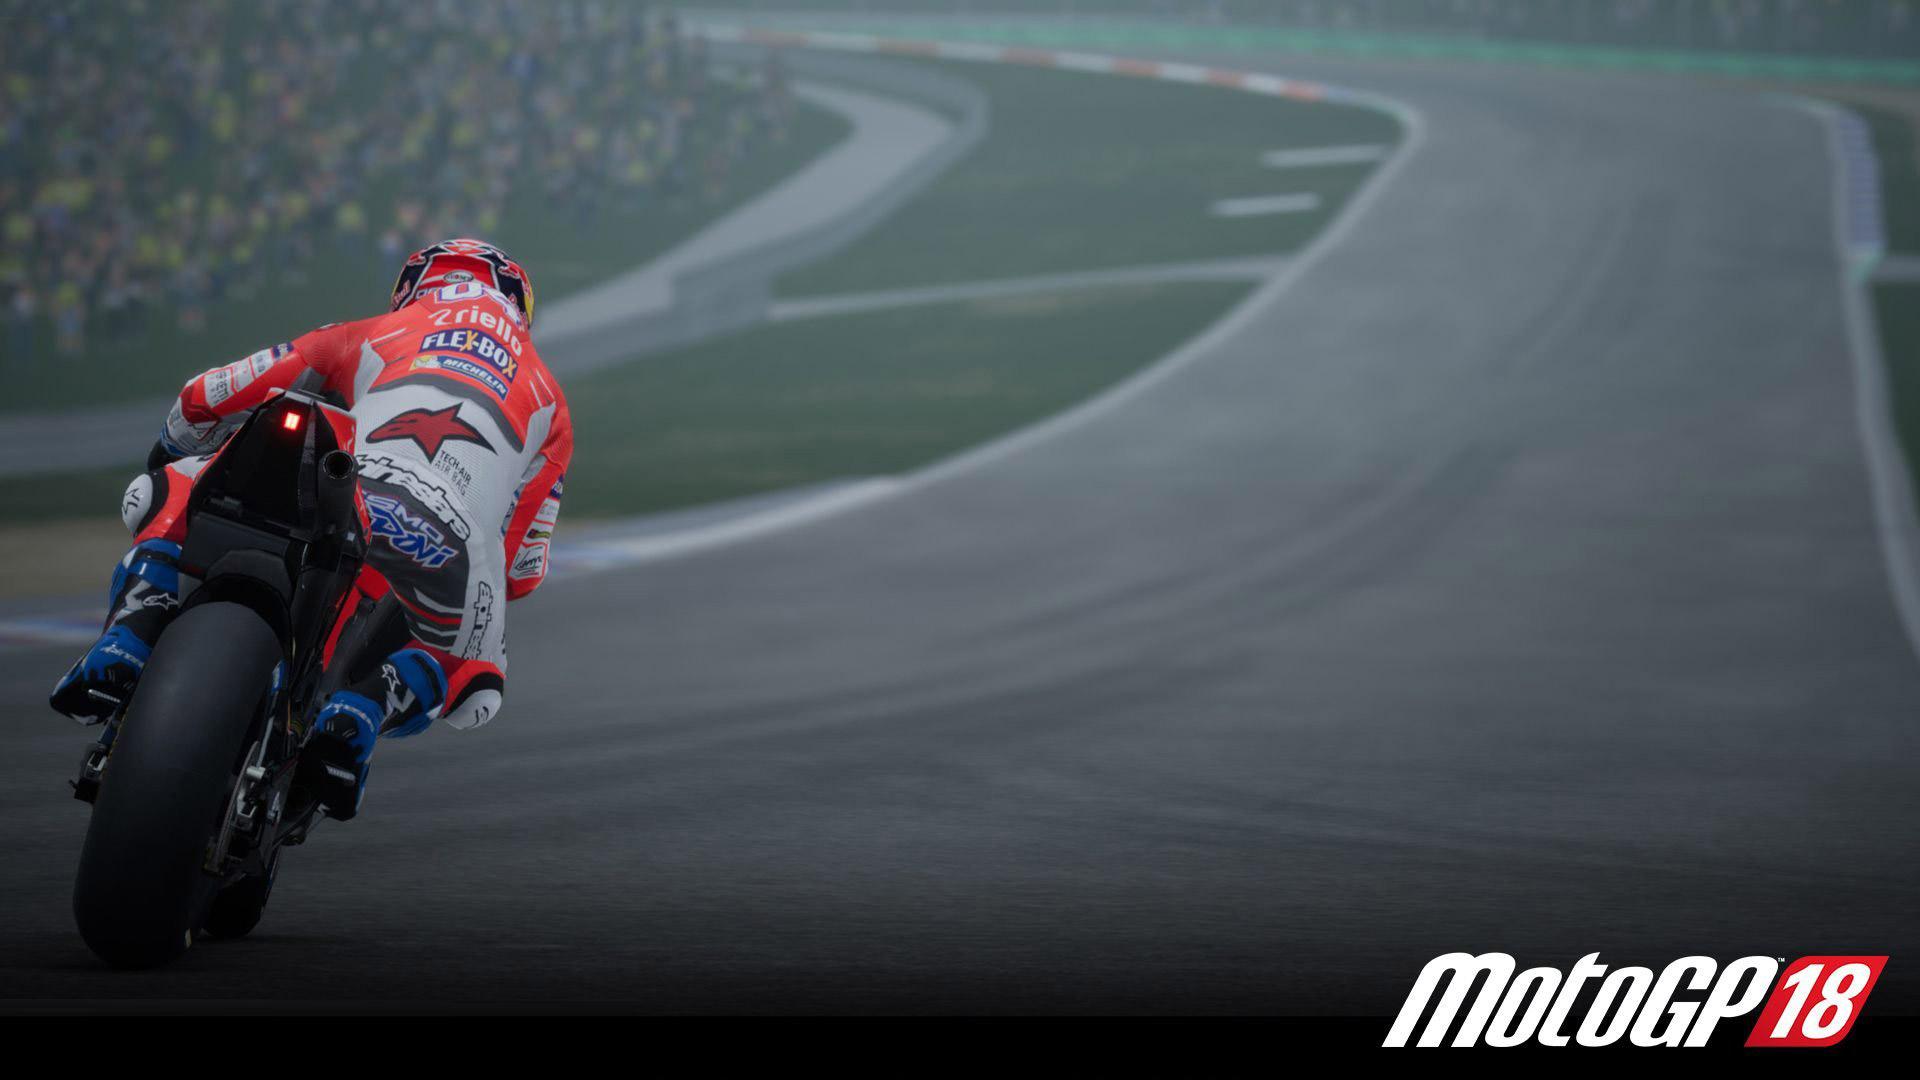 MotoGP 18 Wallpaper in 1920x1080